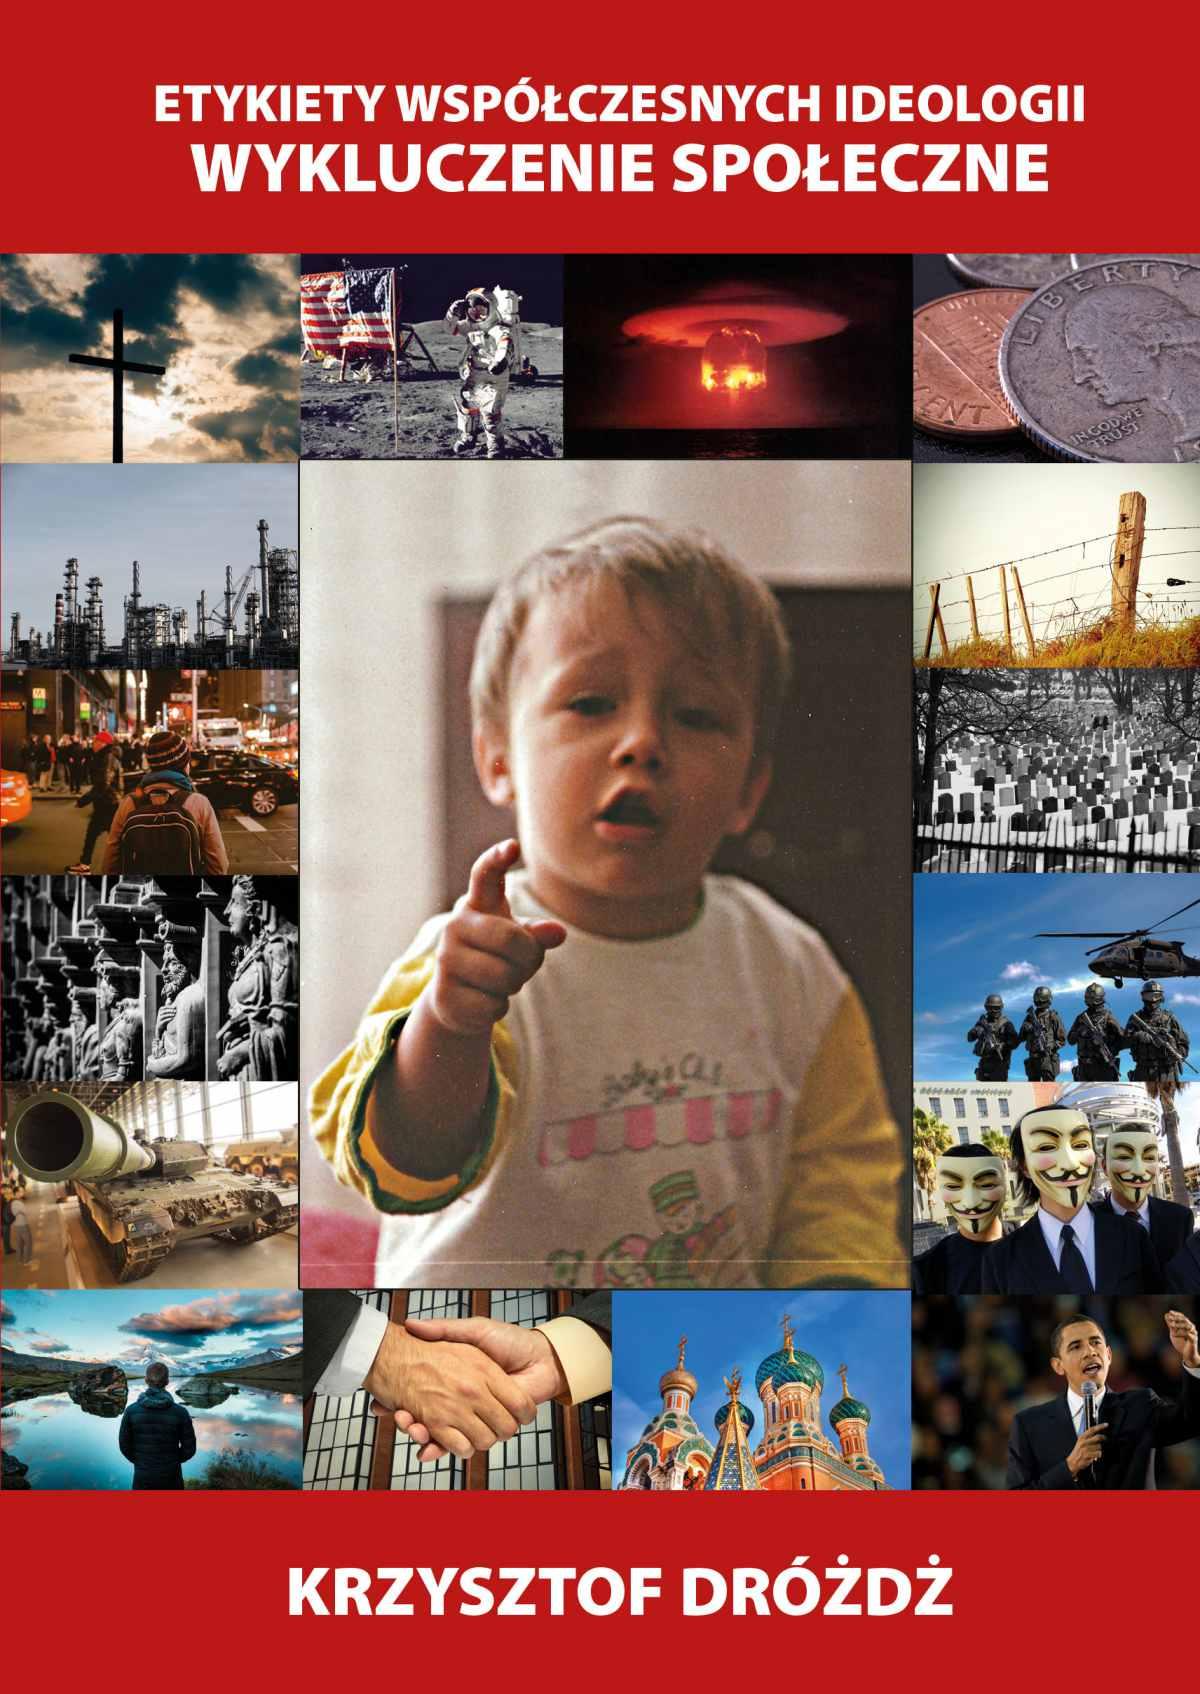 Etykiety współczesnych ideologii. Wykluczenie społeczne - Ebook (Książka EPUB) do pobrania w formacie EPUB